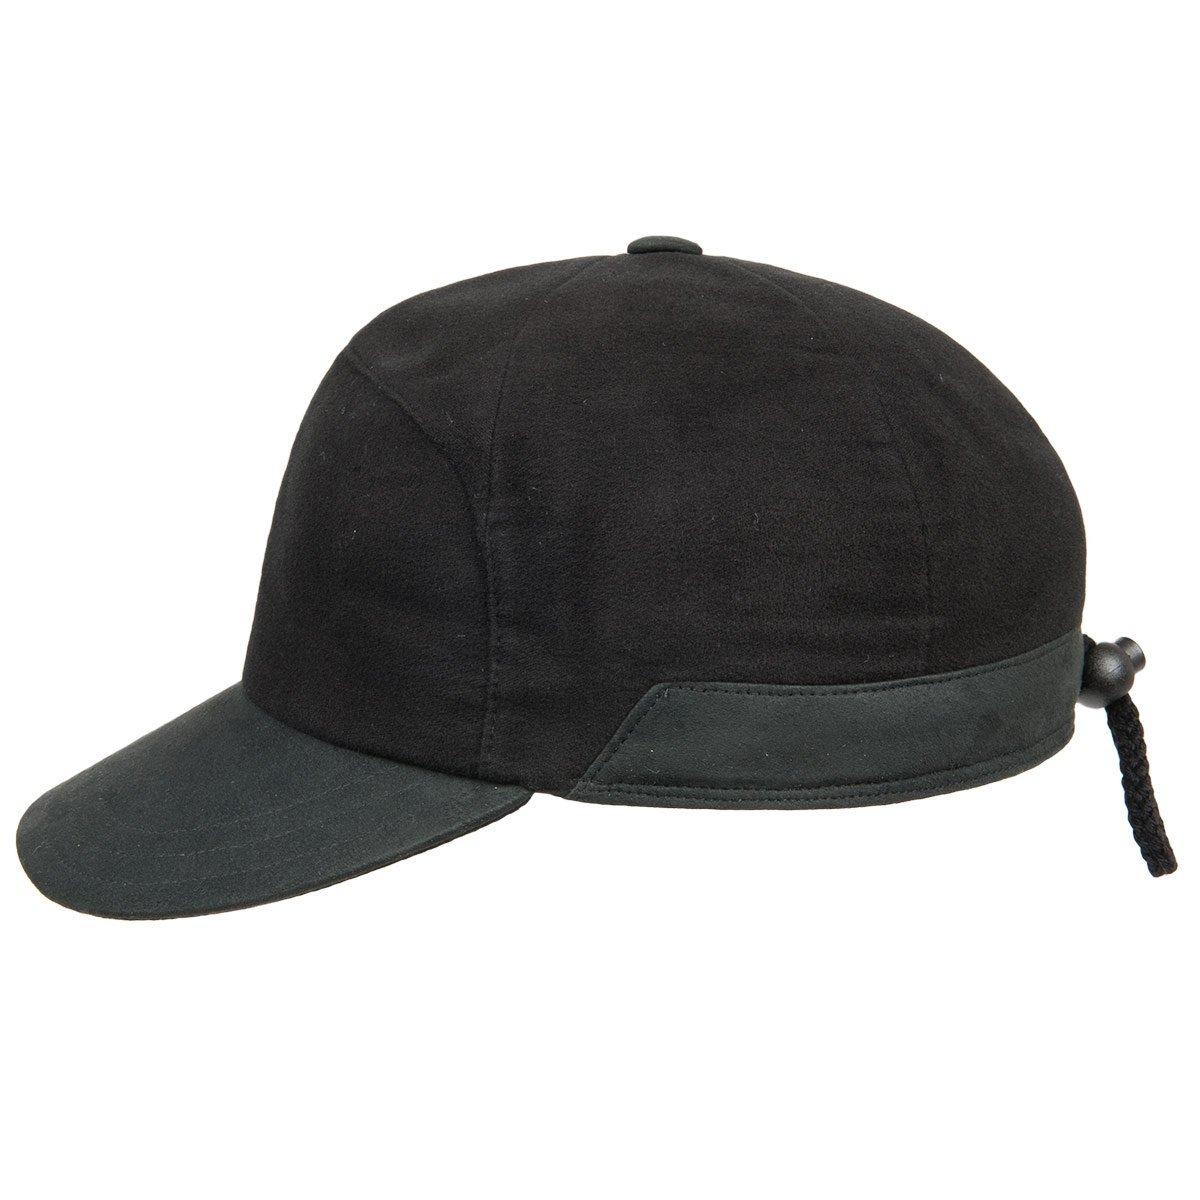 Cappelli invernali uomo con visiera